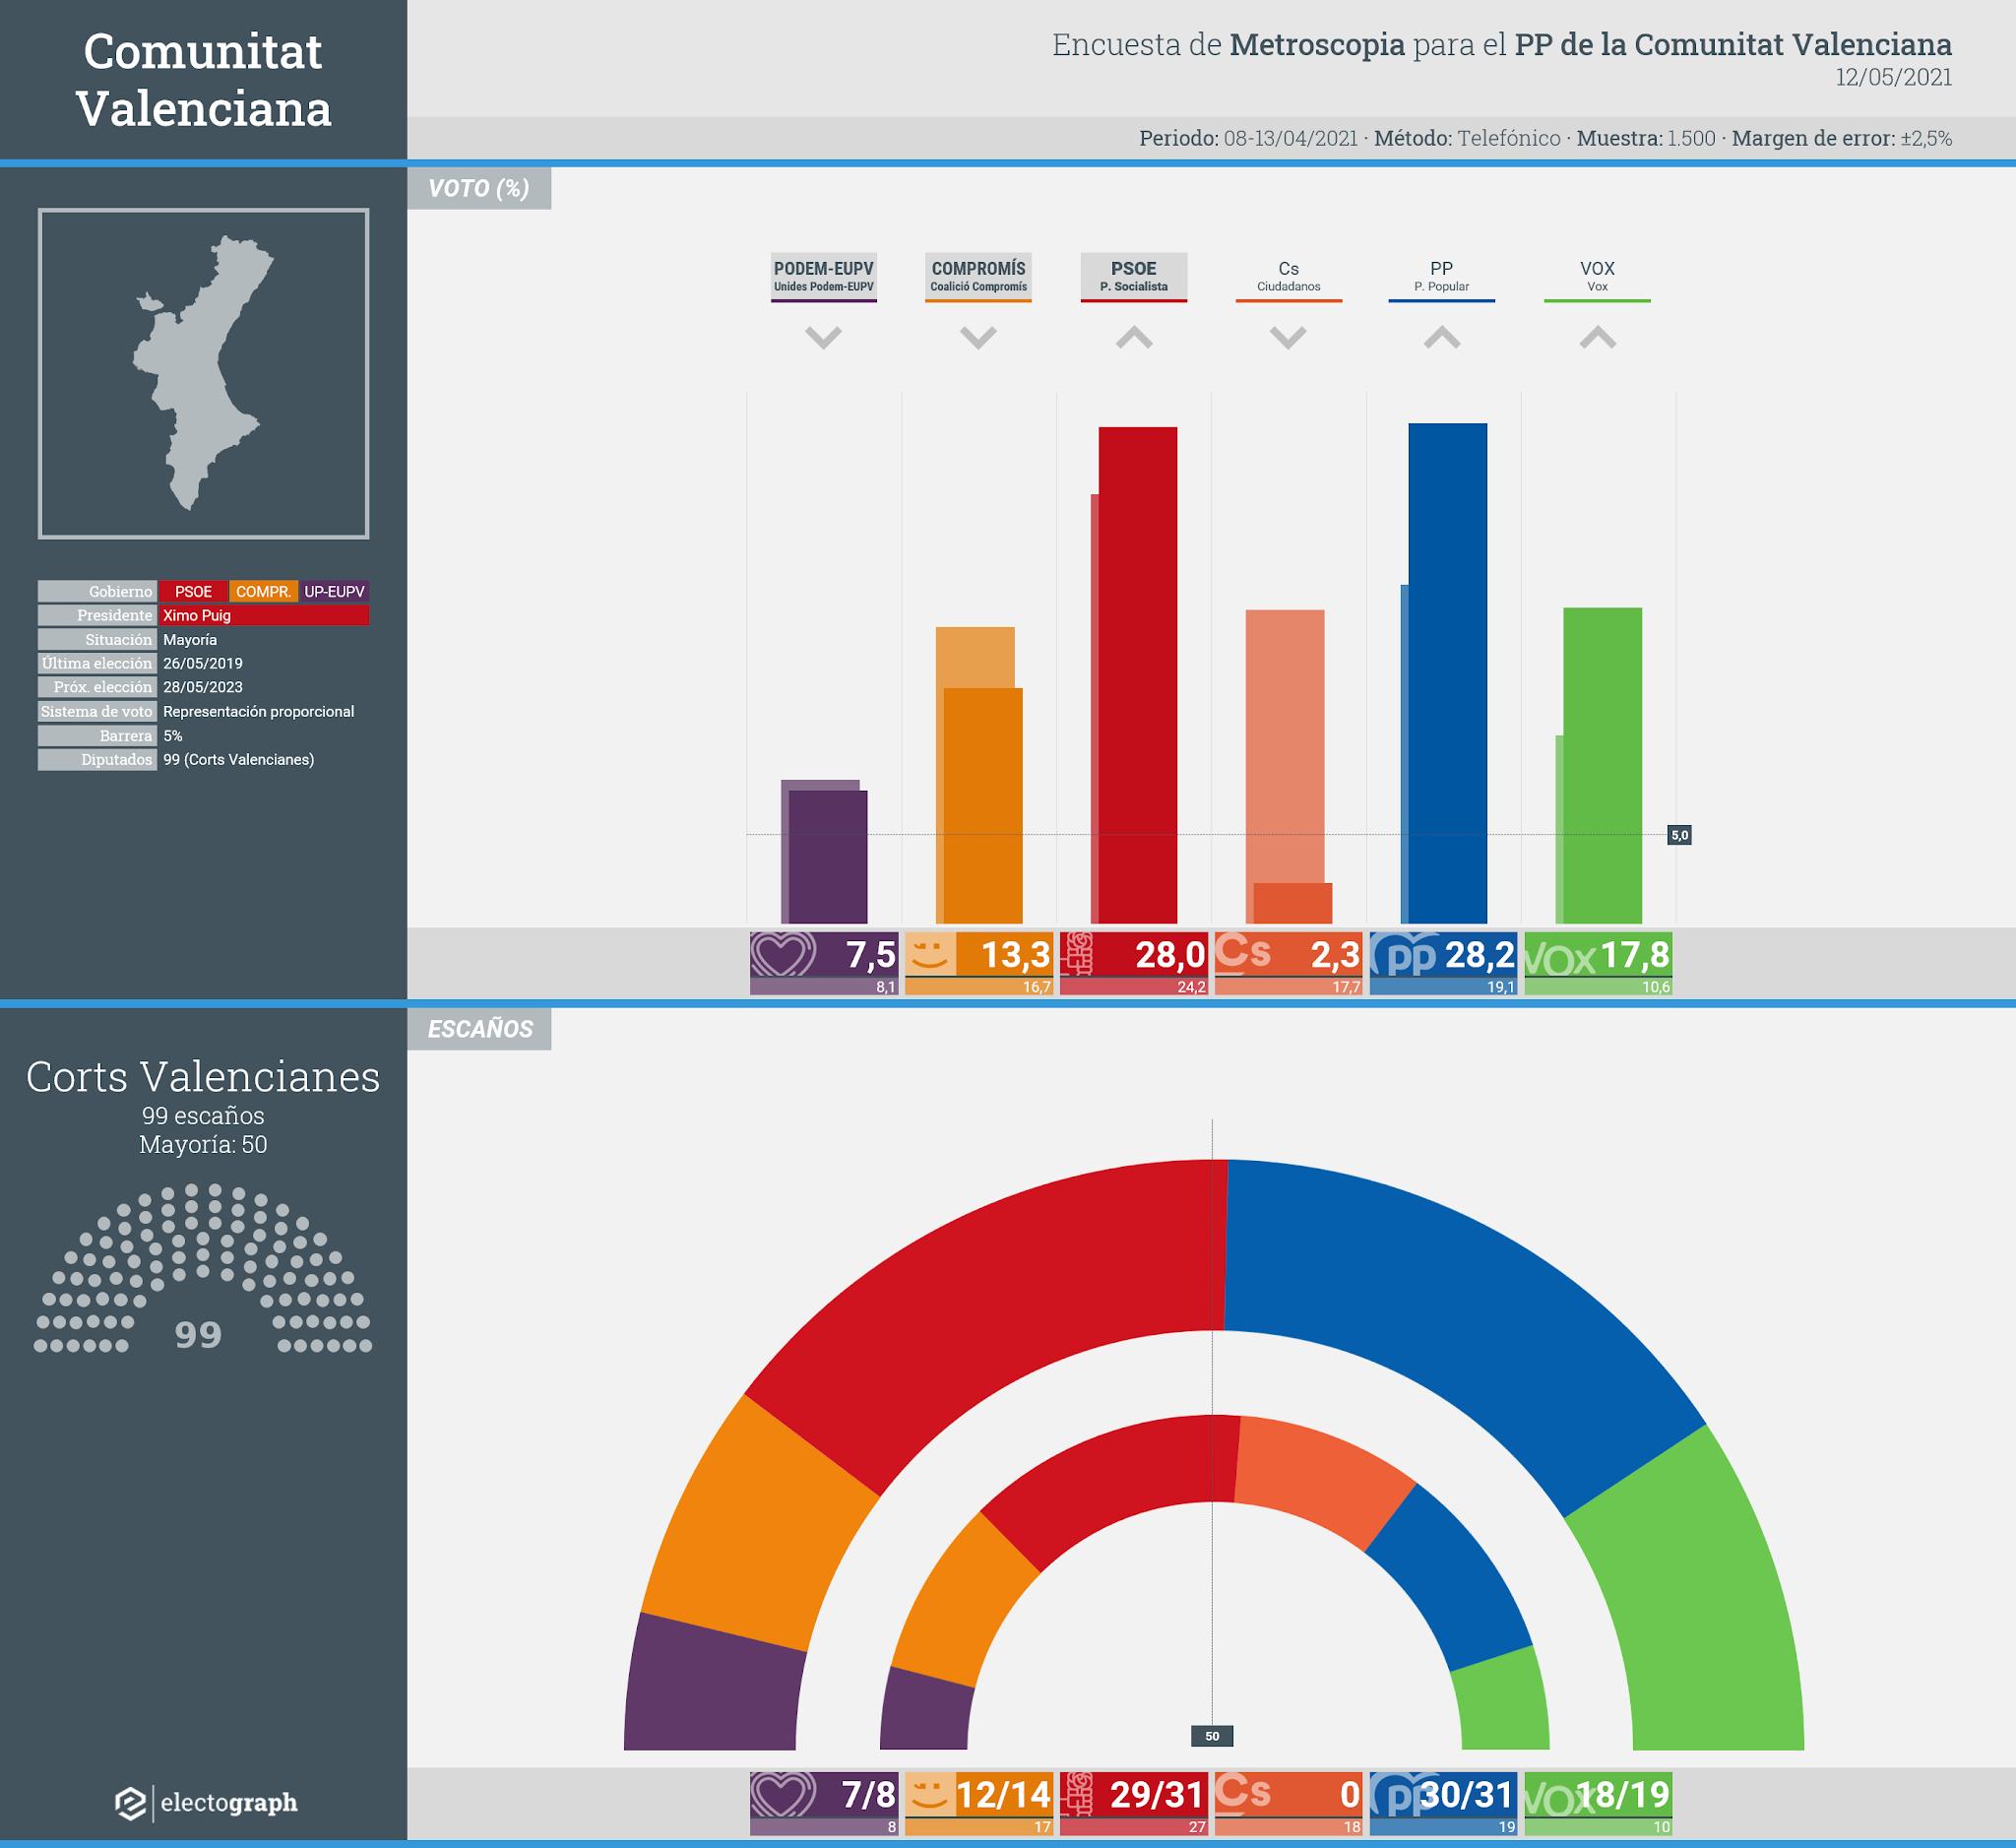 Gráfico de la encuesta para elecciones autonómicas en la Comunitat Valenciana realizada por Metroscopia para el PP de la Comunitat Valenciana, 12 de mayo de 2021